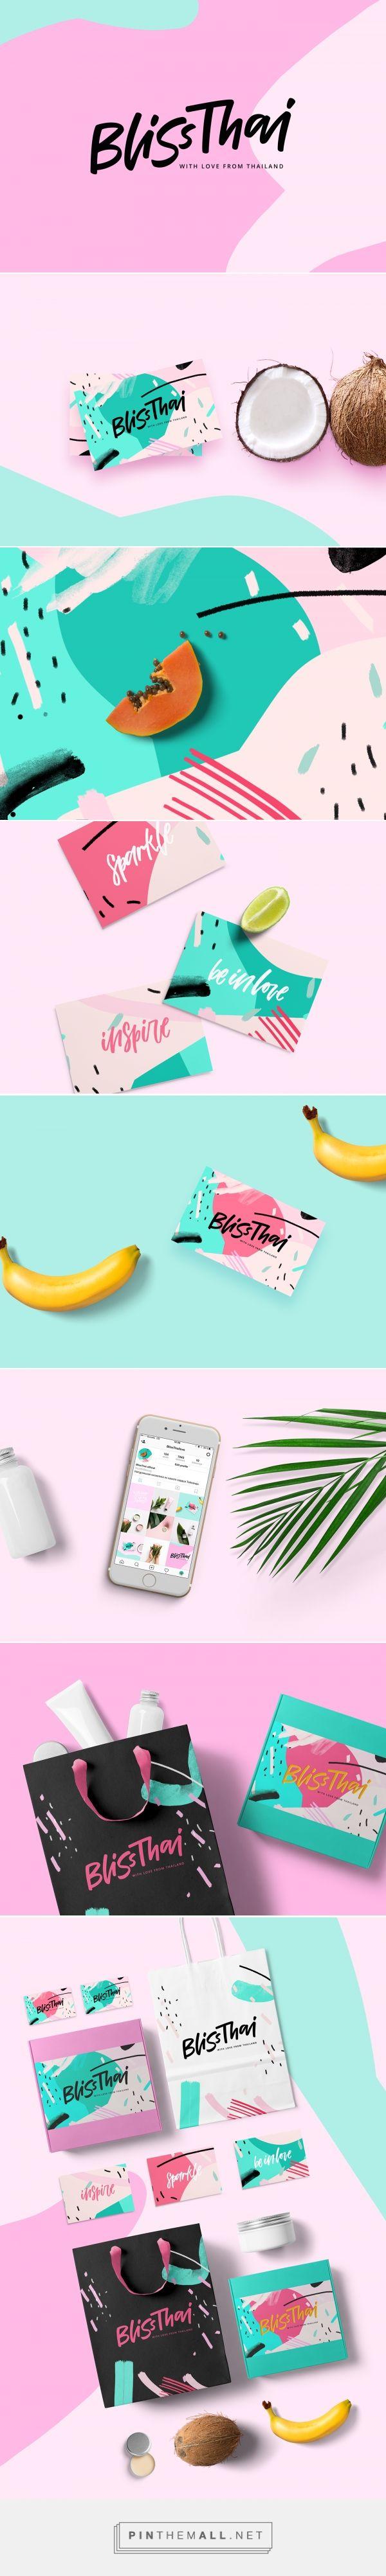 Inspiración e ideas de diseño de branding - Identidad de marca personal y corporativa